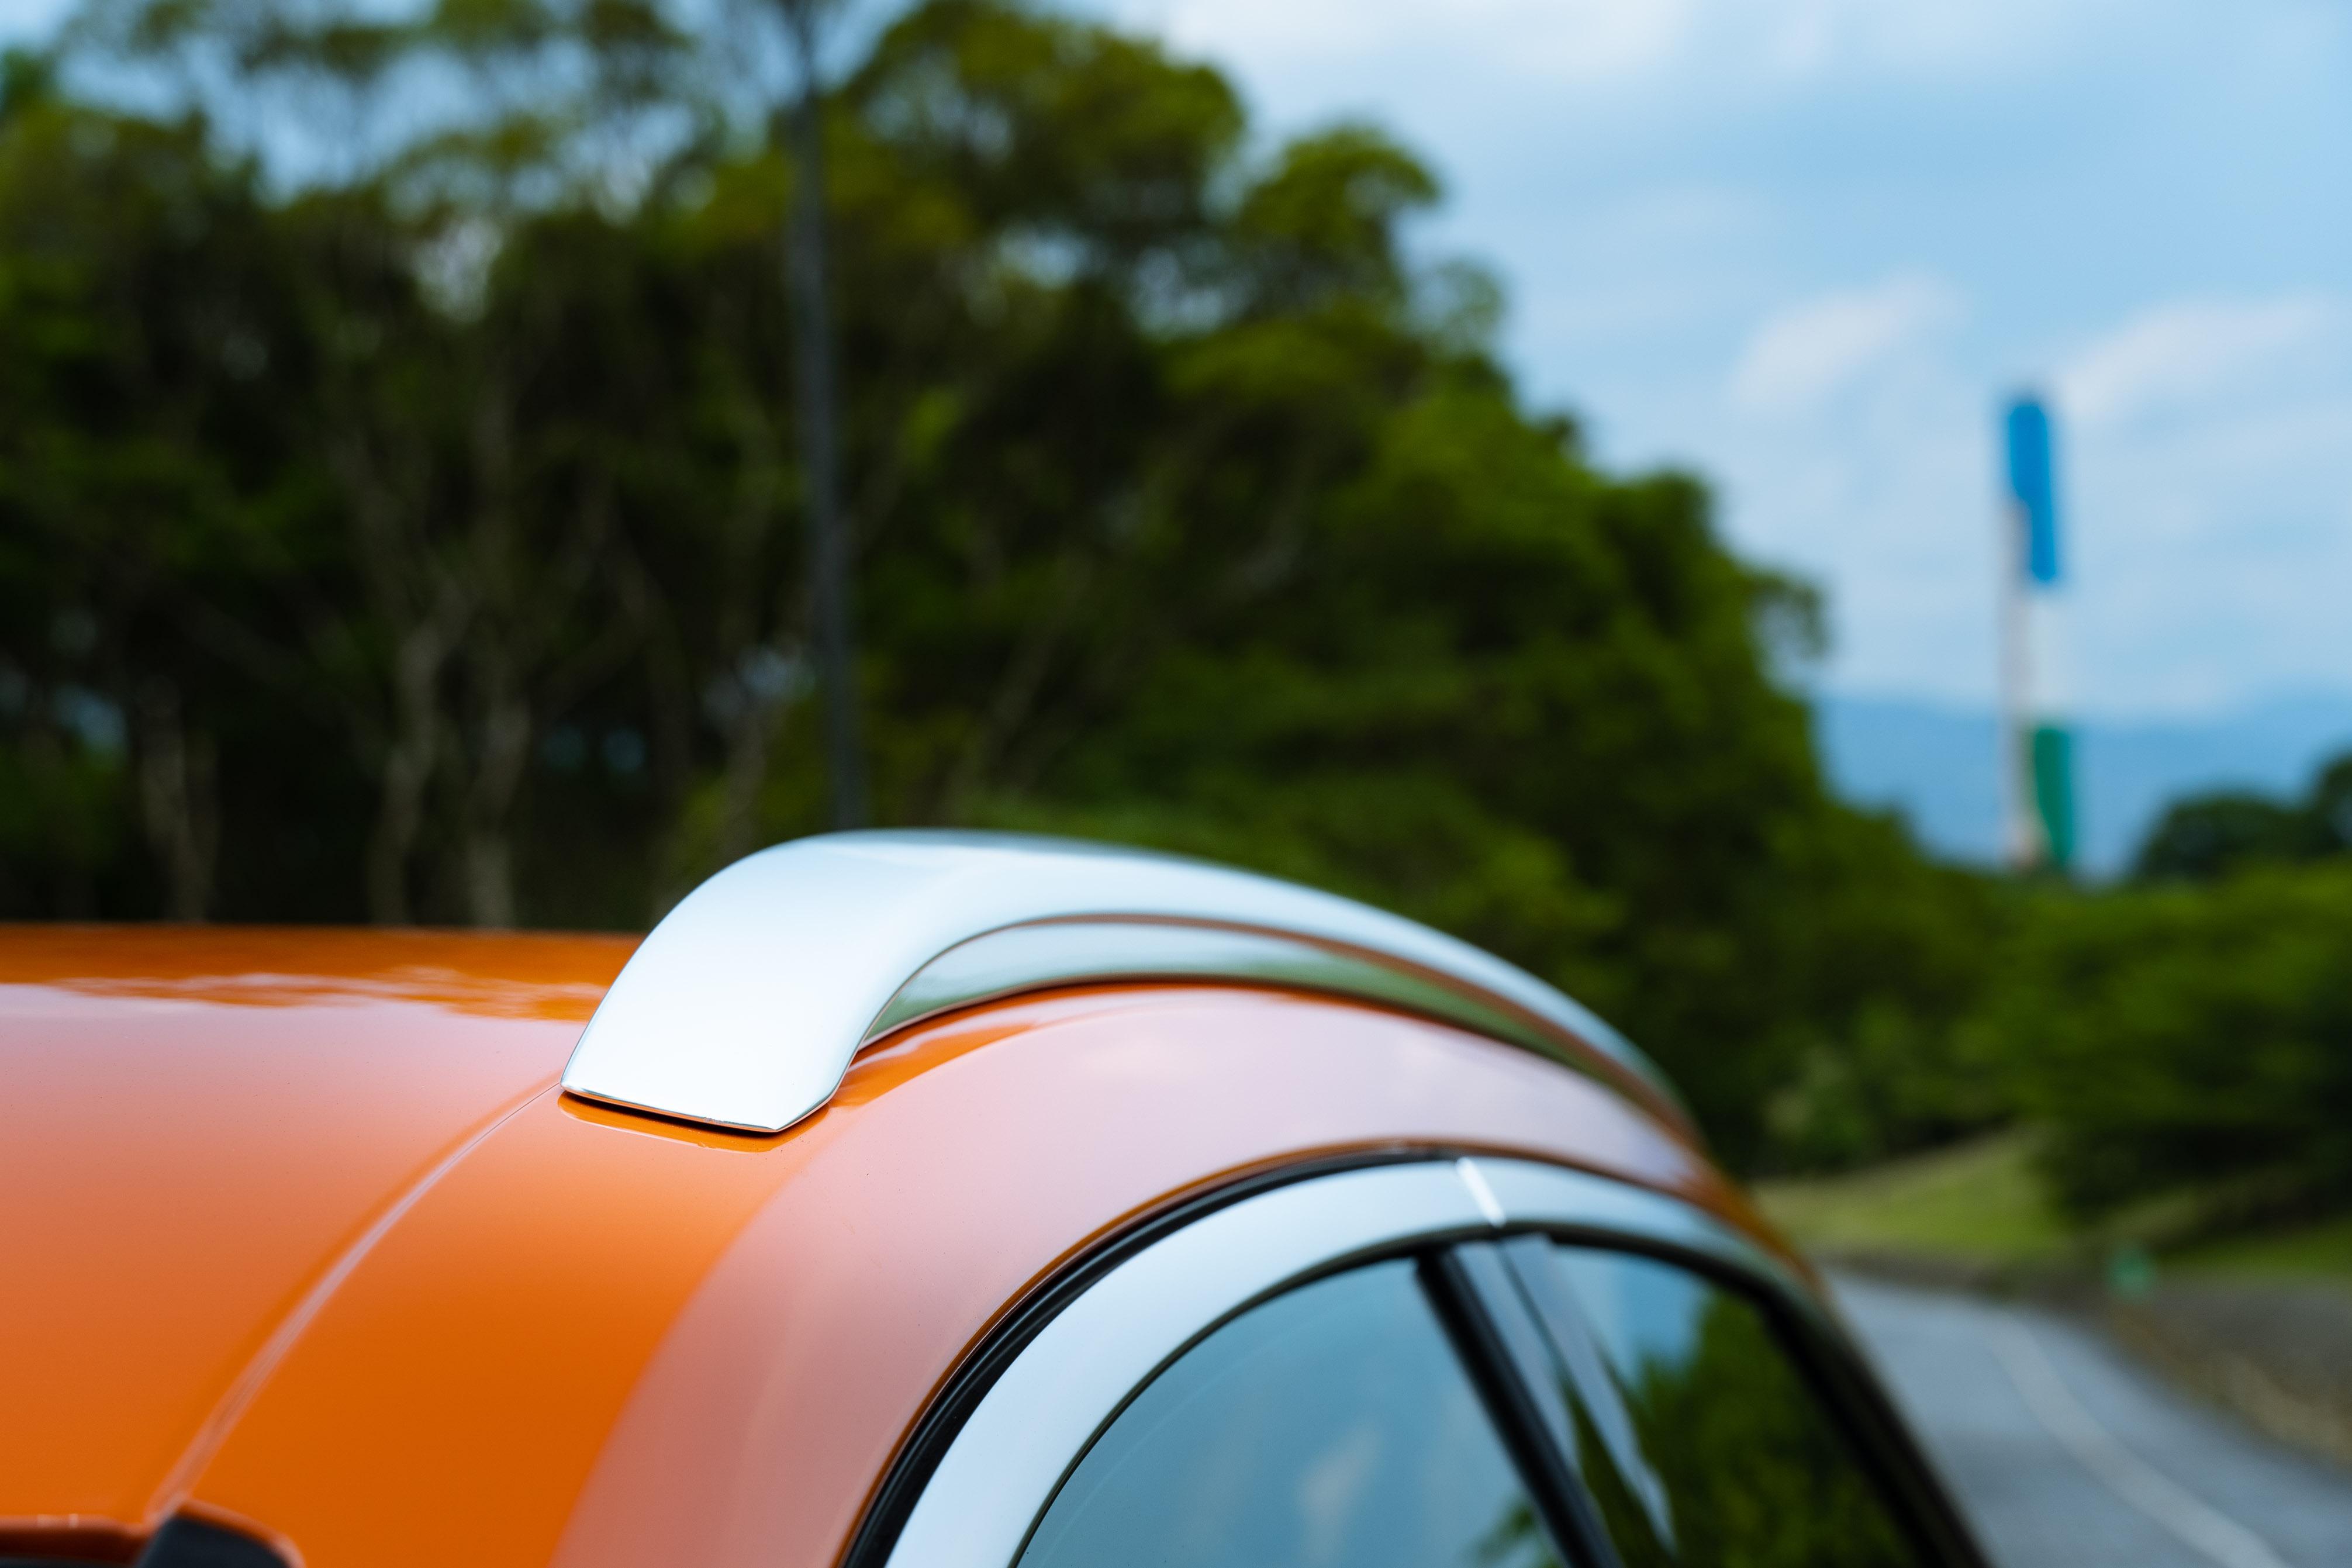 鋁合金車頂架是 Q3 專屬配備。